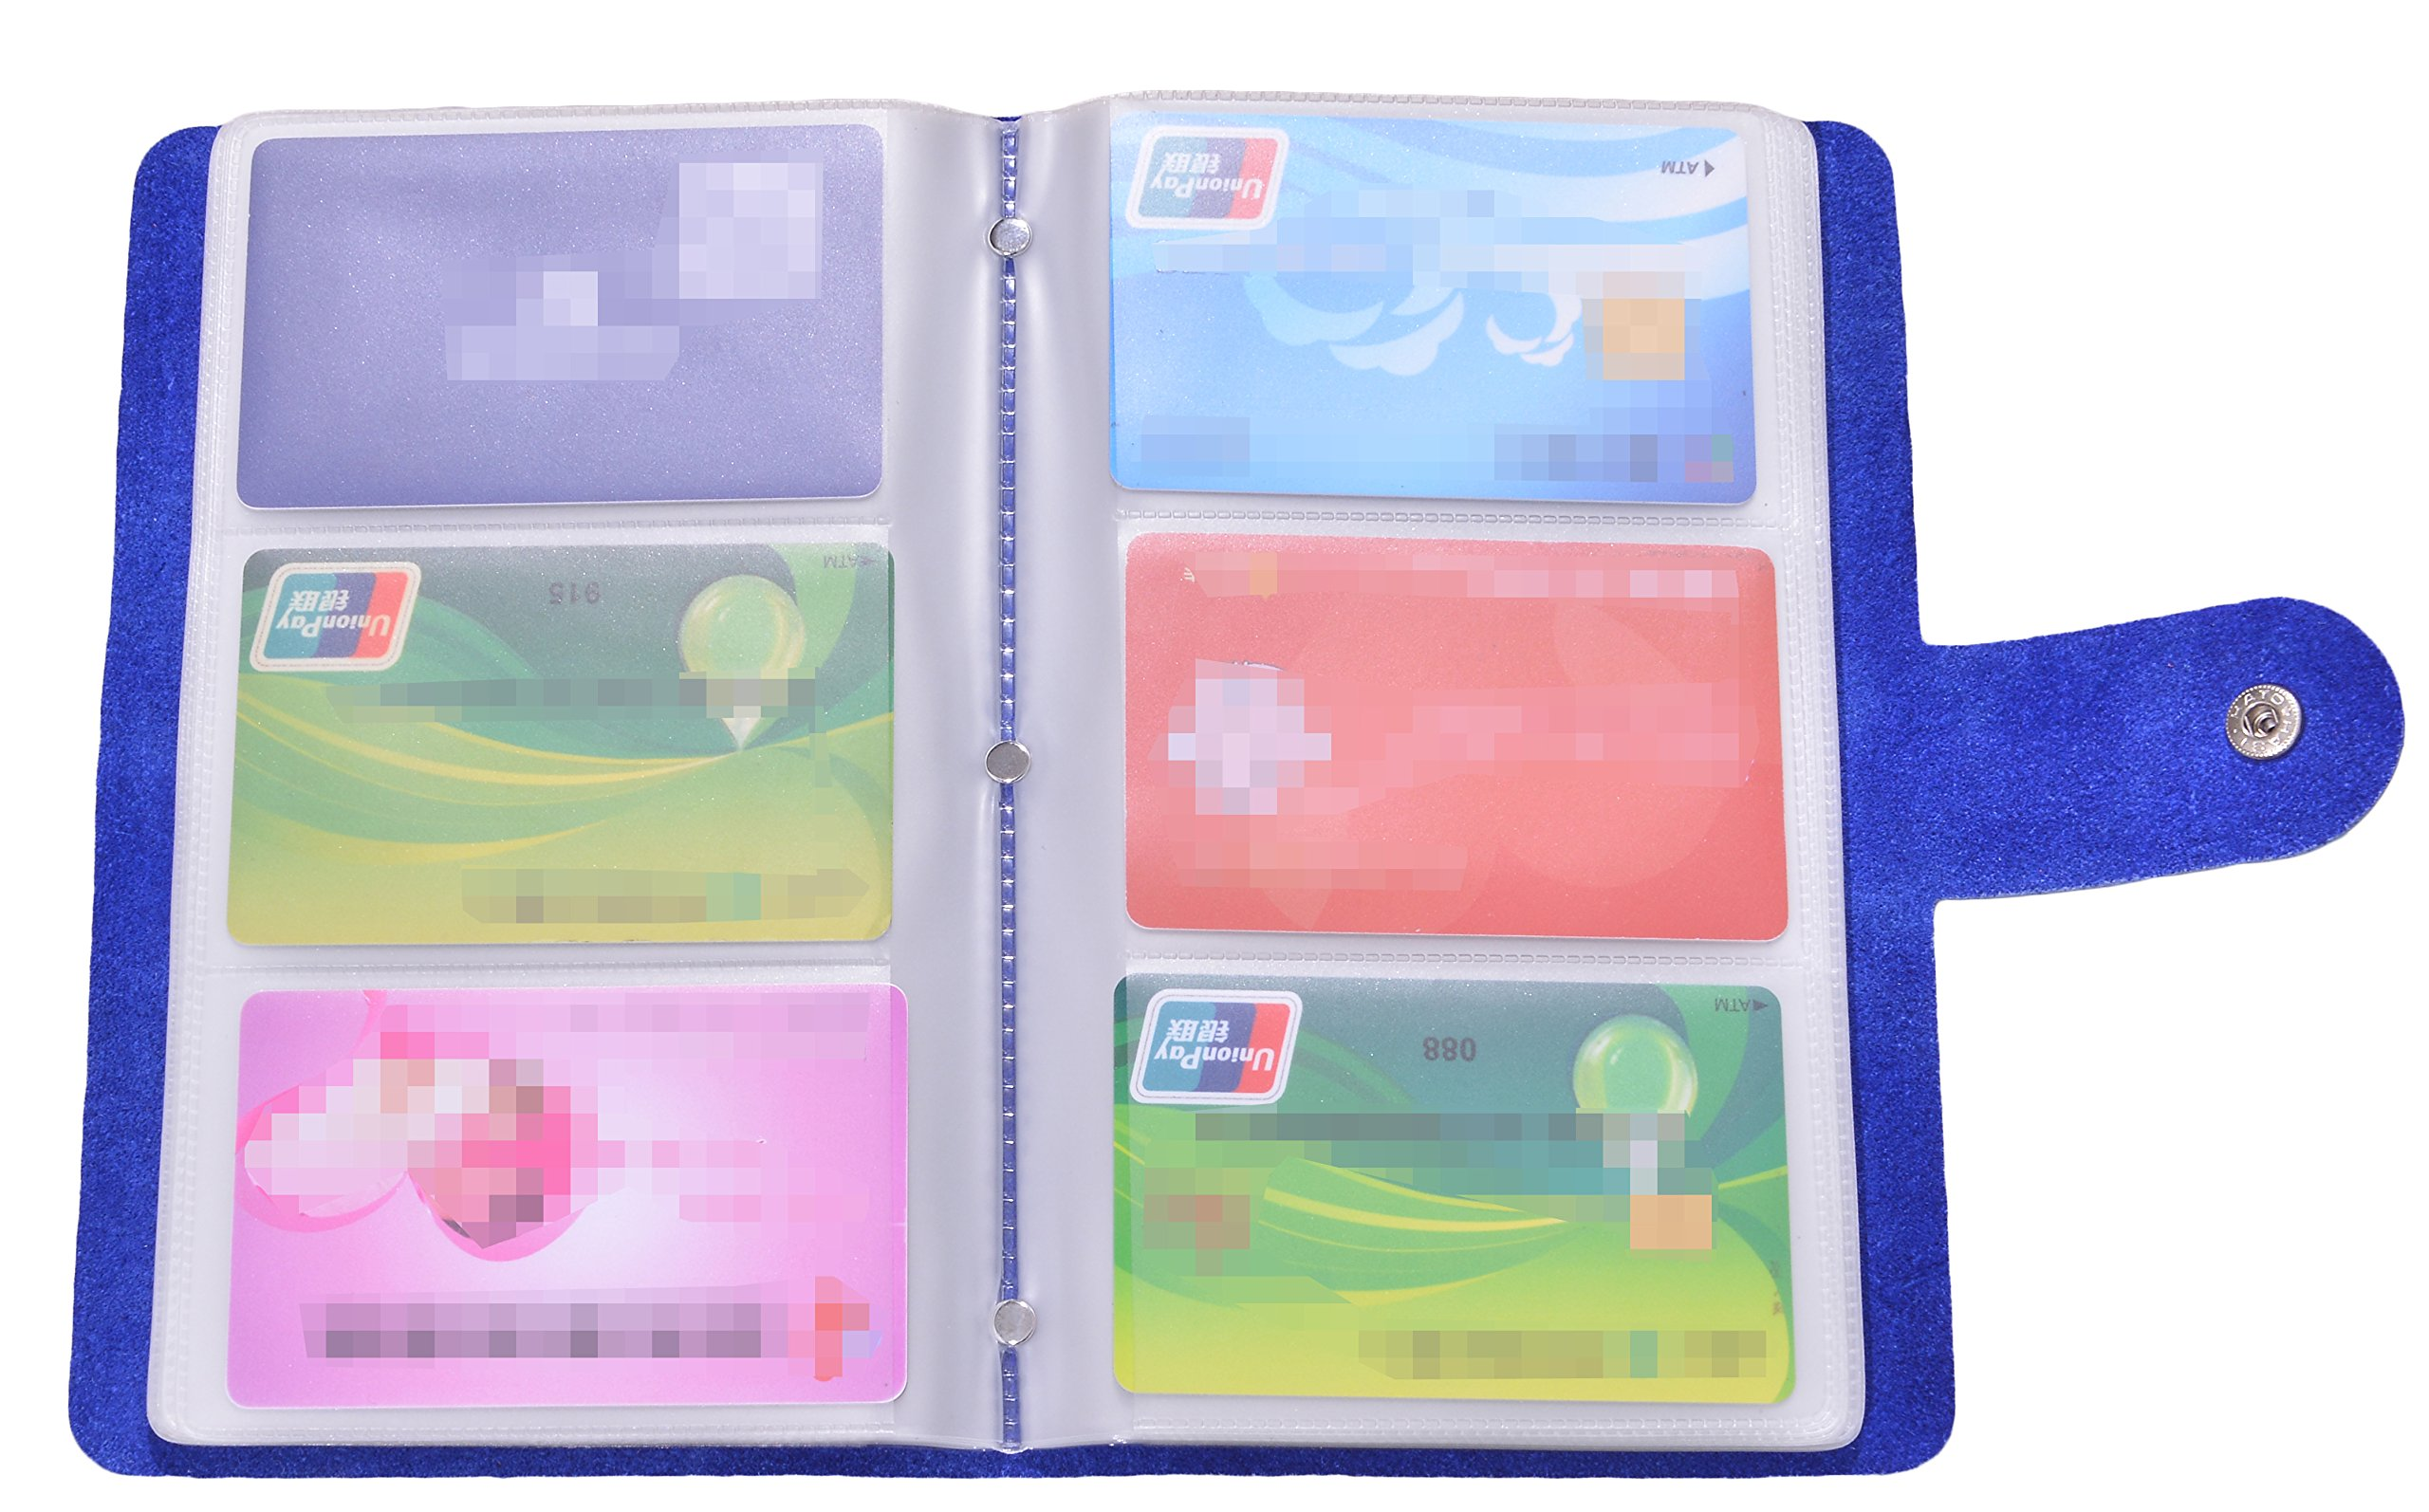 Easyoulife Genuine Leather Credit/Business Card Holder Case Wallet 90 Card Slots (Blue)